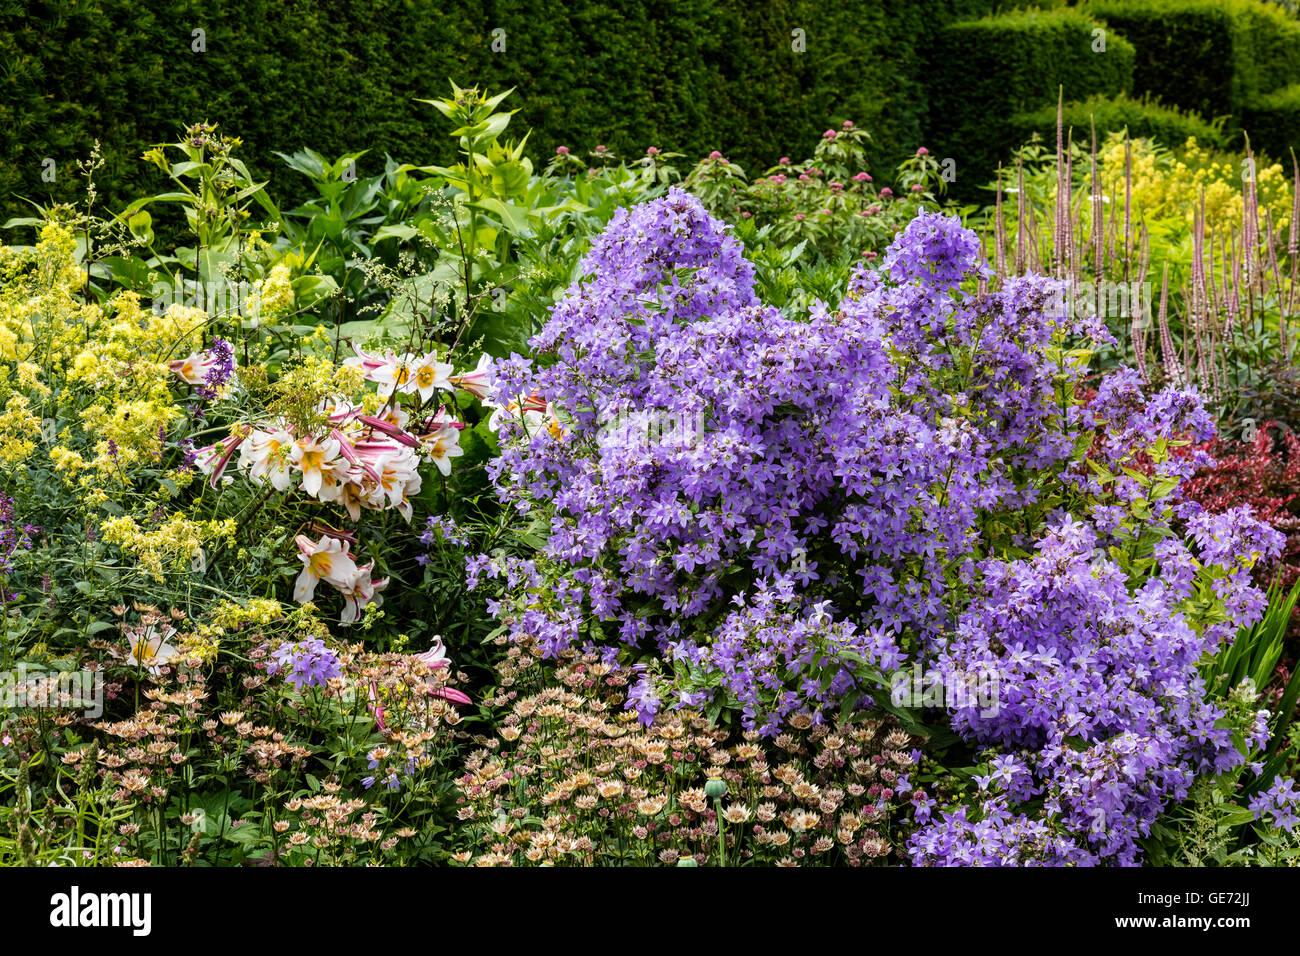 Sommer Blumen Lilien, Campanula und Astrantia in einem gut sortierten krautige Rand. Stockbild